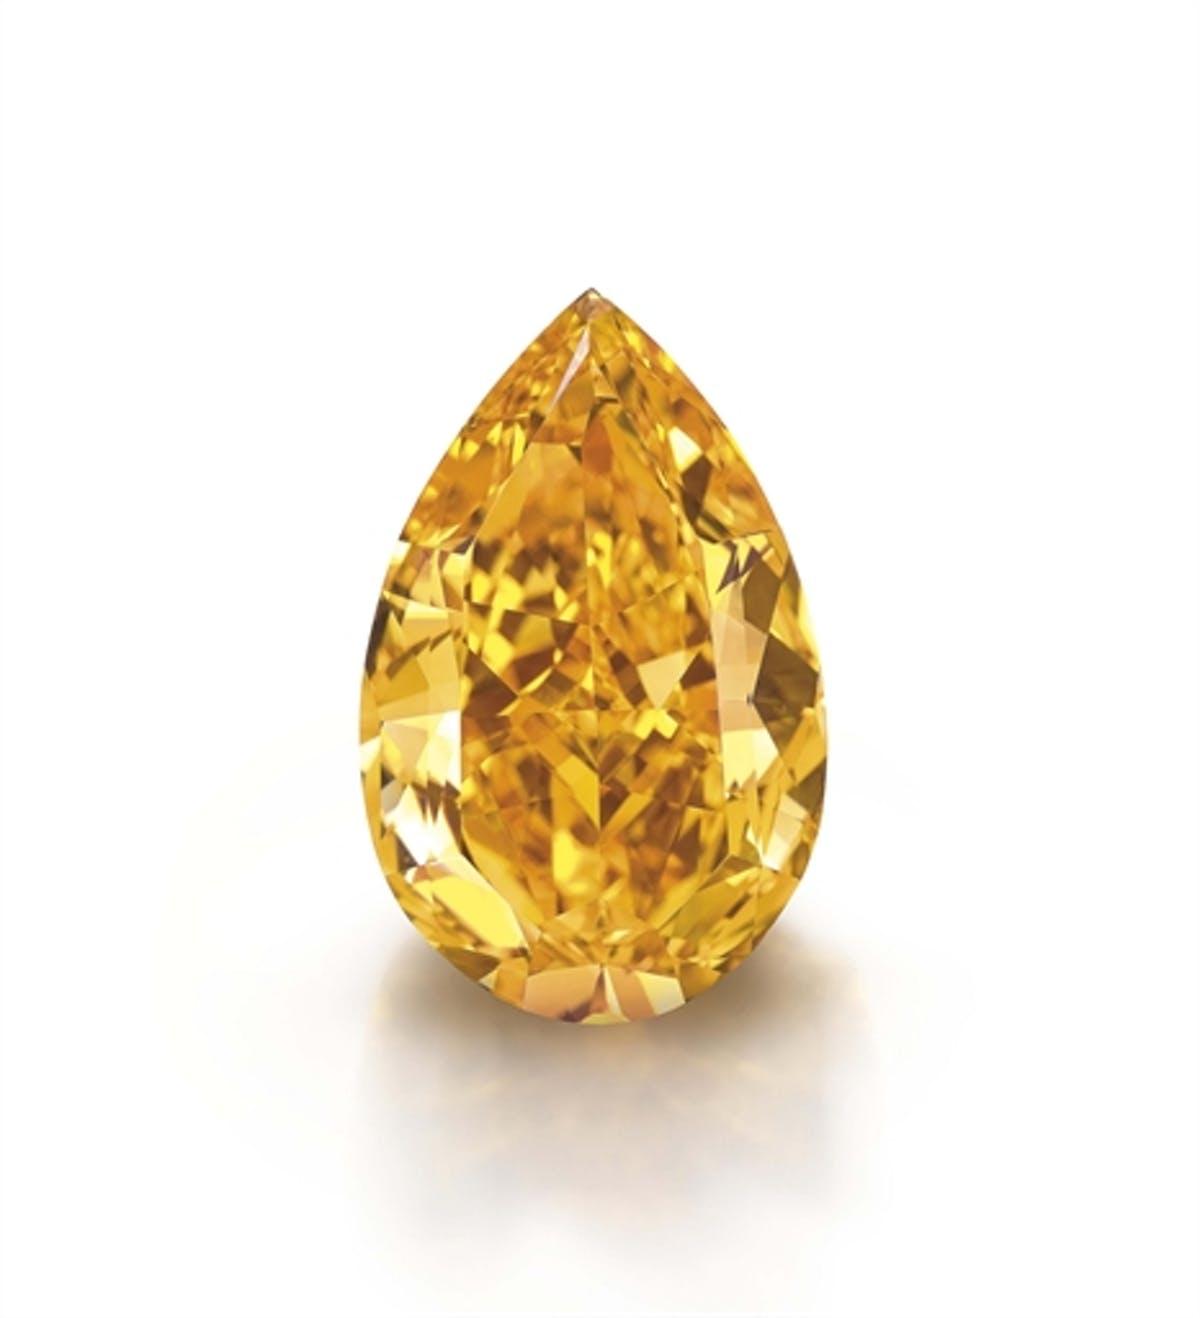 Le plus gros diamant « Fancy Vivid Orange » au monde, image ©Christie's